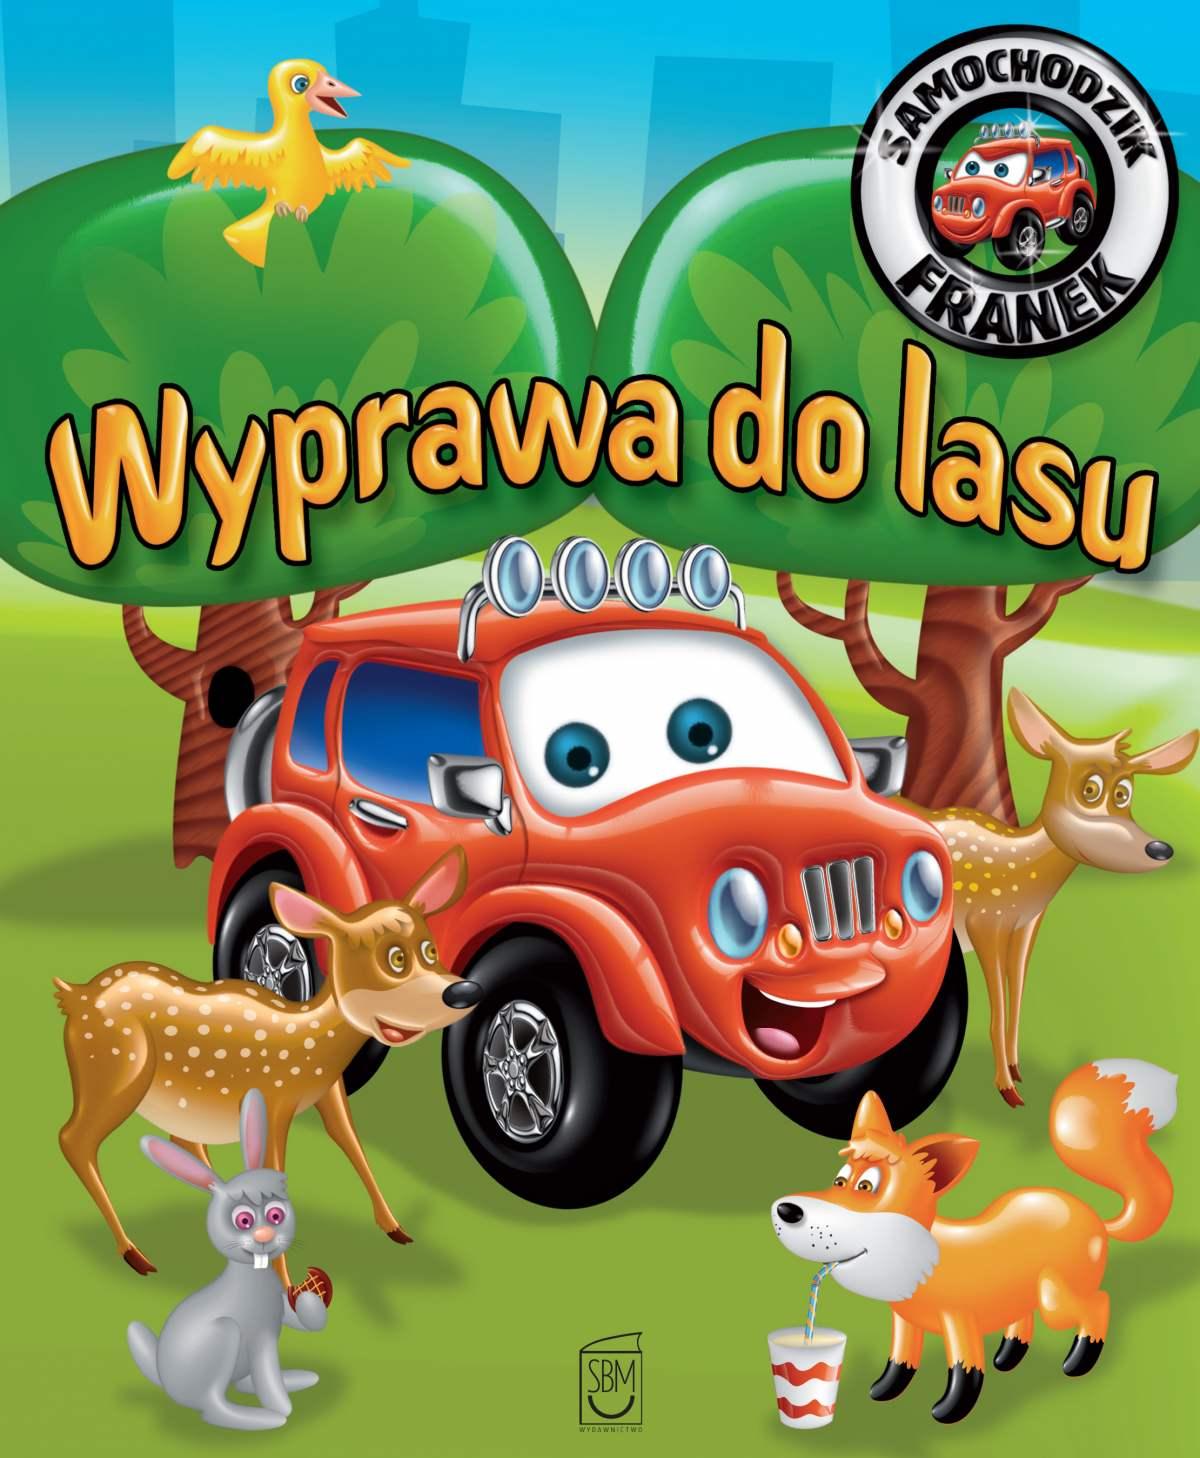 Samochodzik Franek. Wyprawa do lasu - Ebook (Książka PDF) do pobrania w formacie PDF